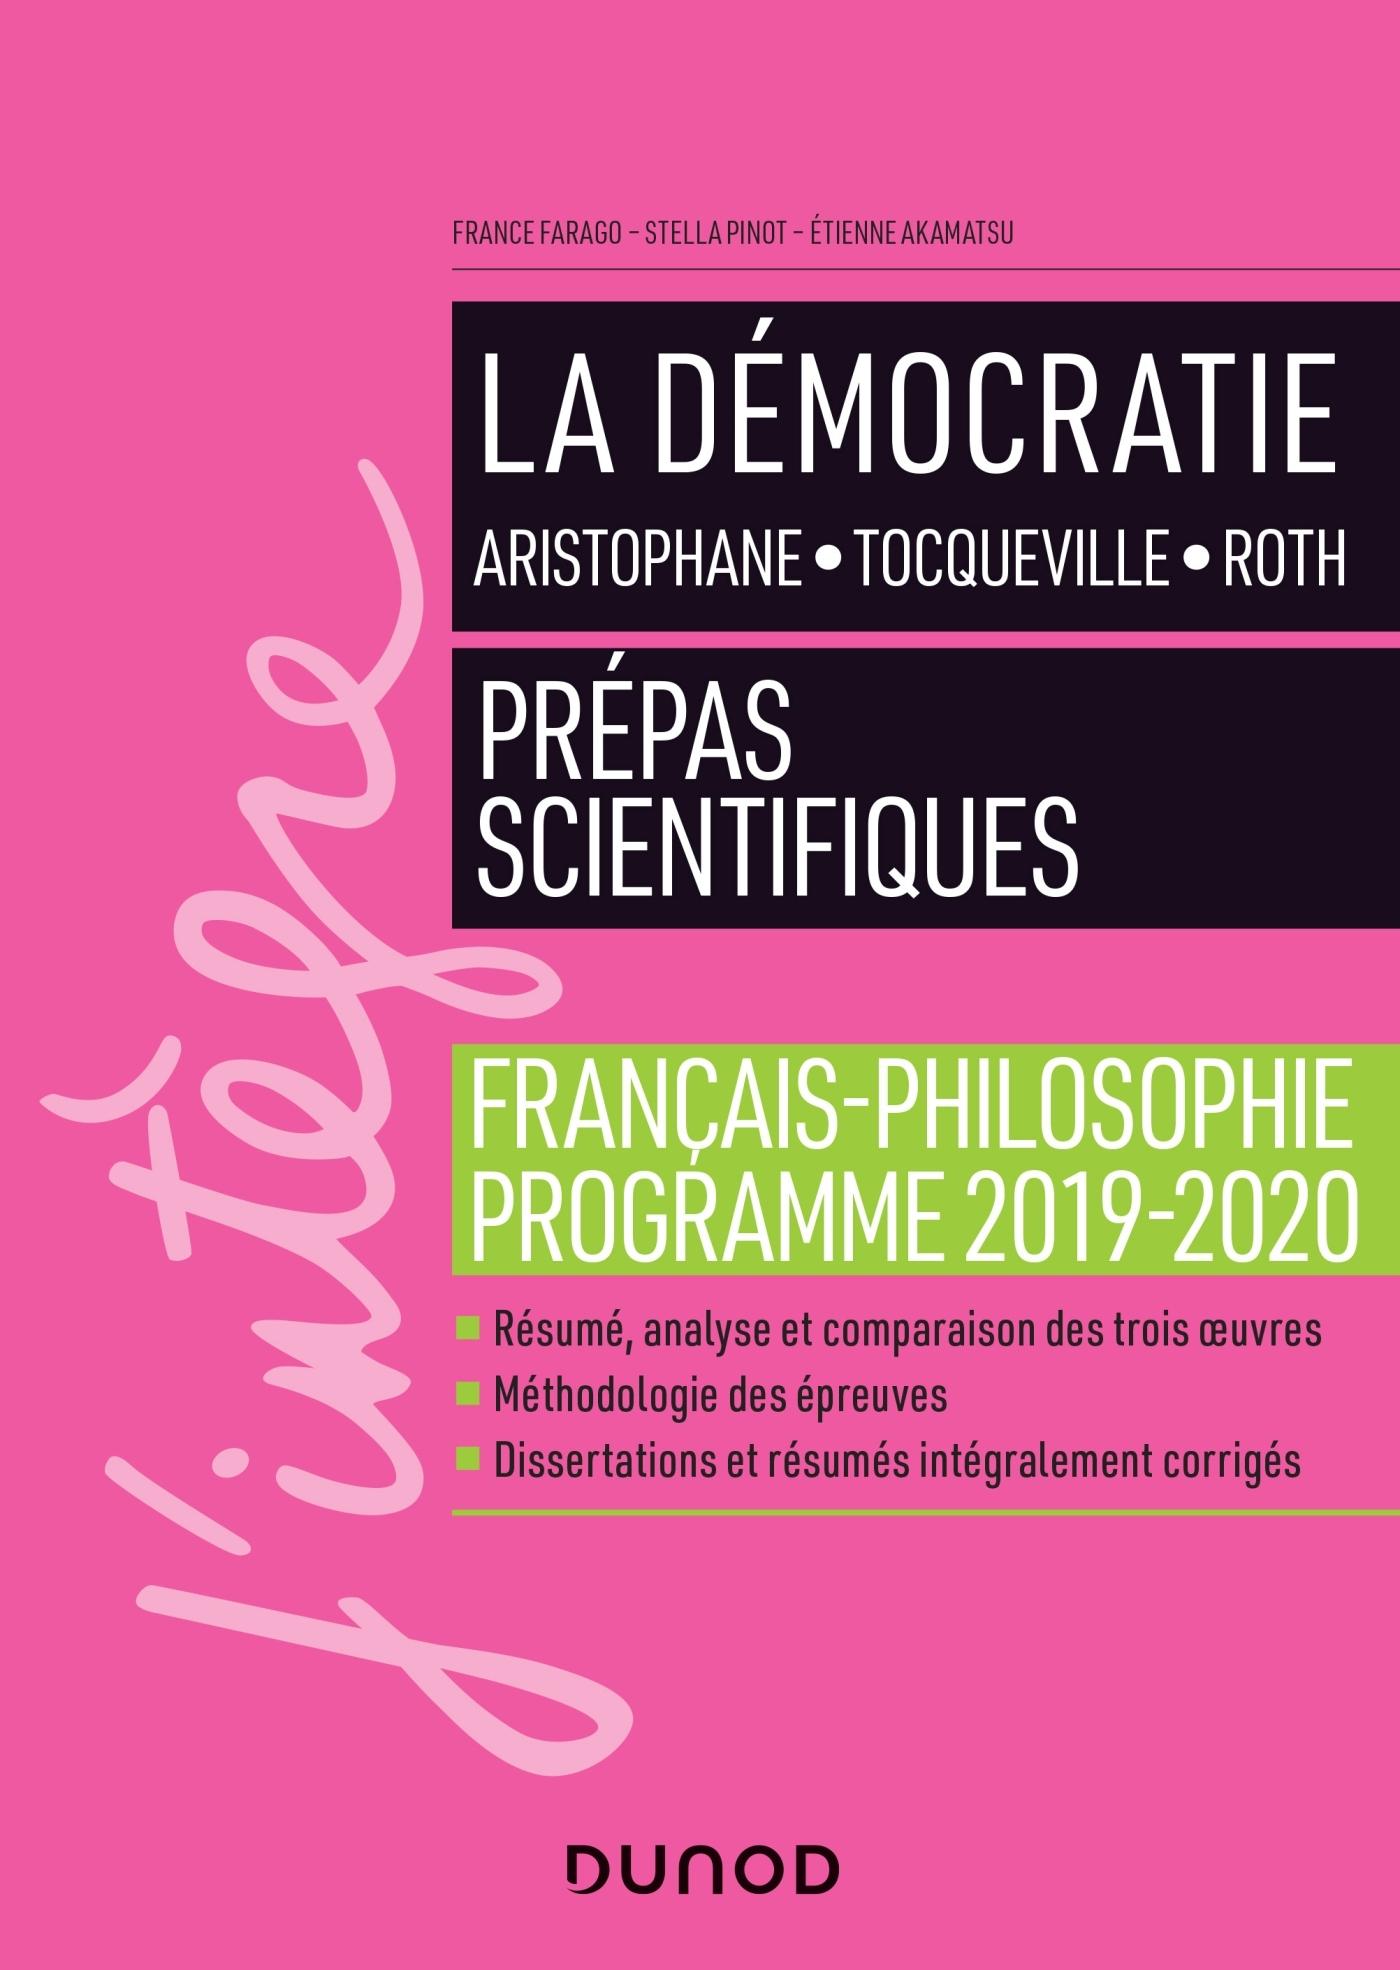 LA DEMOCRATIE - PREPAS SCIENTIFIQUES - PROGRAMME FRANCAIS-PHILOSOPHIE 2019-2020 - MANUEL